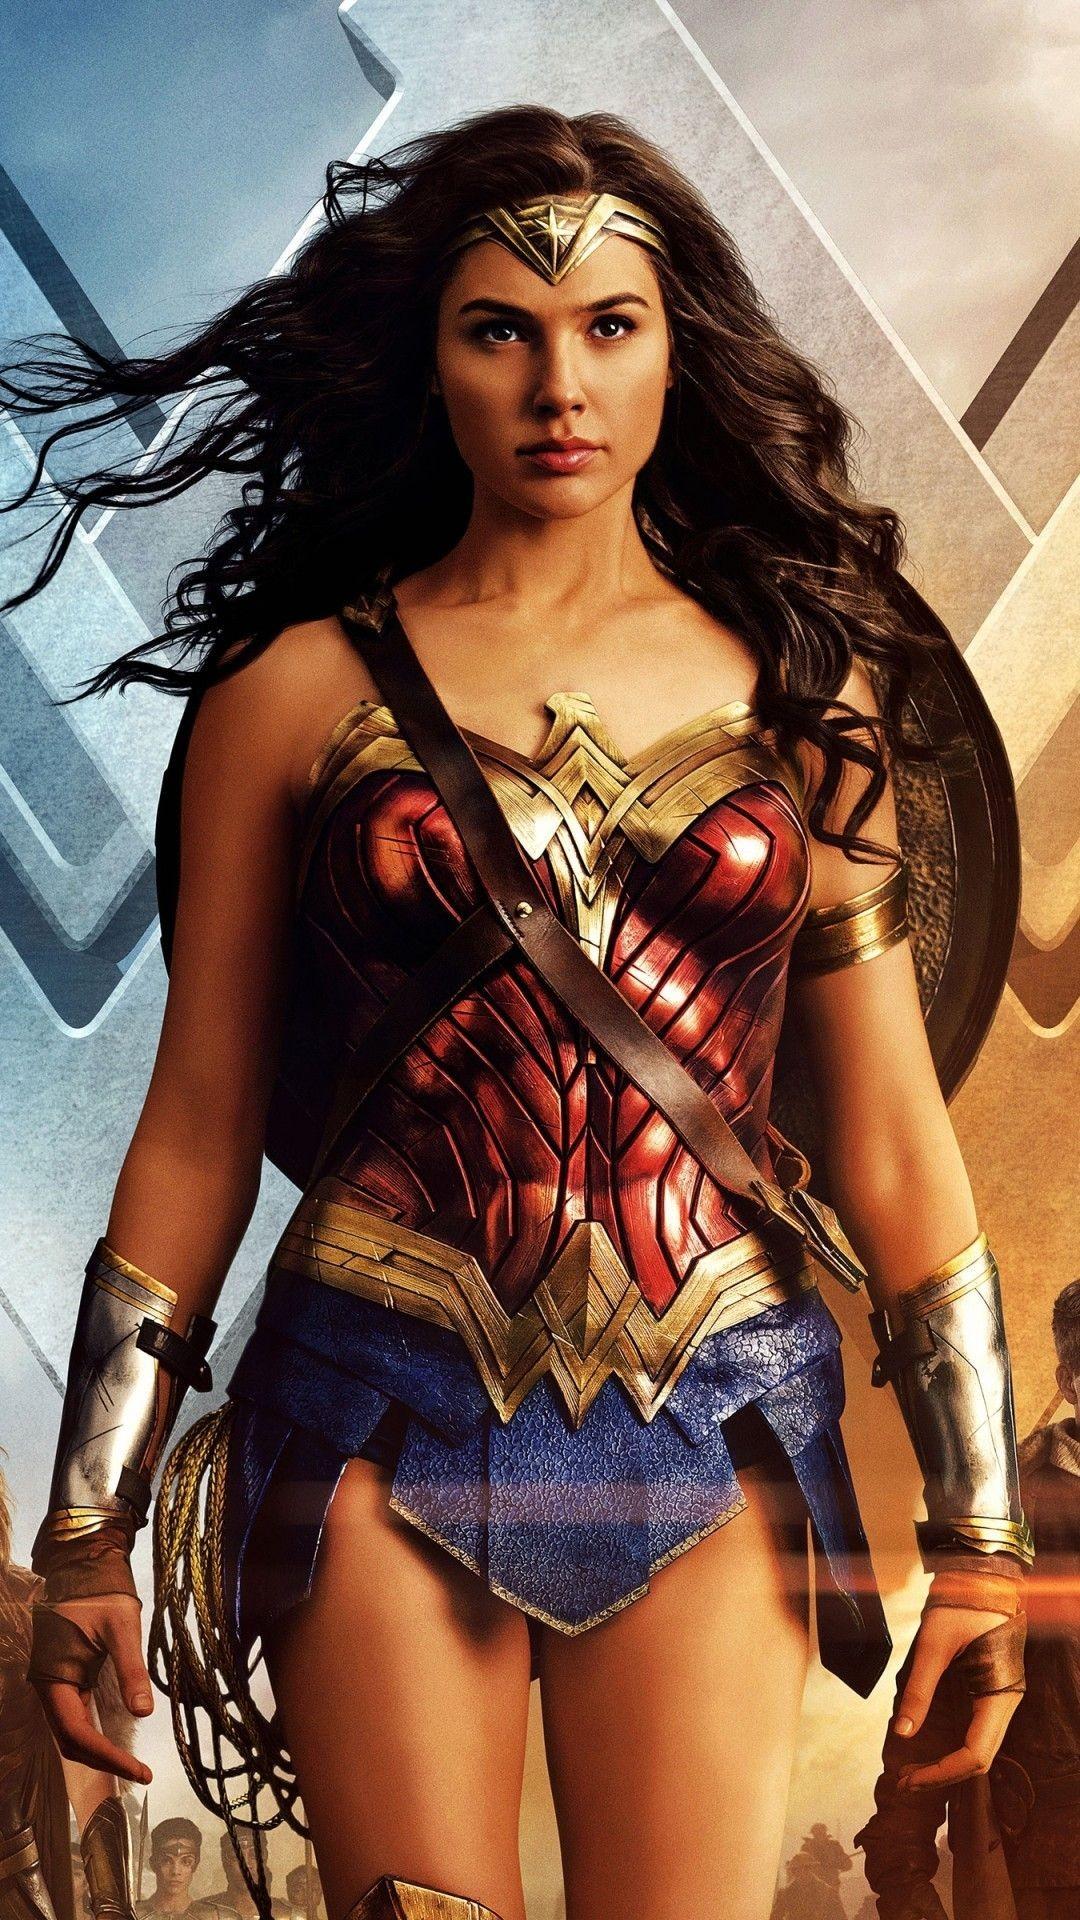 Res: 1080x1920, Wonder Woman Wallpaper Gal Gadot - Best iPhone Wallpaper